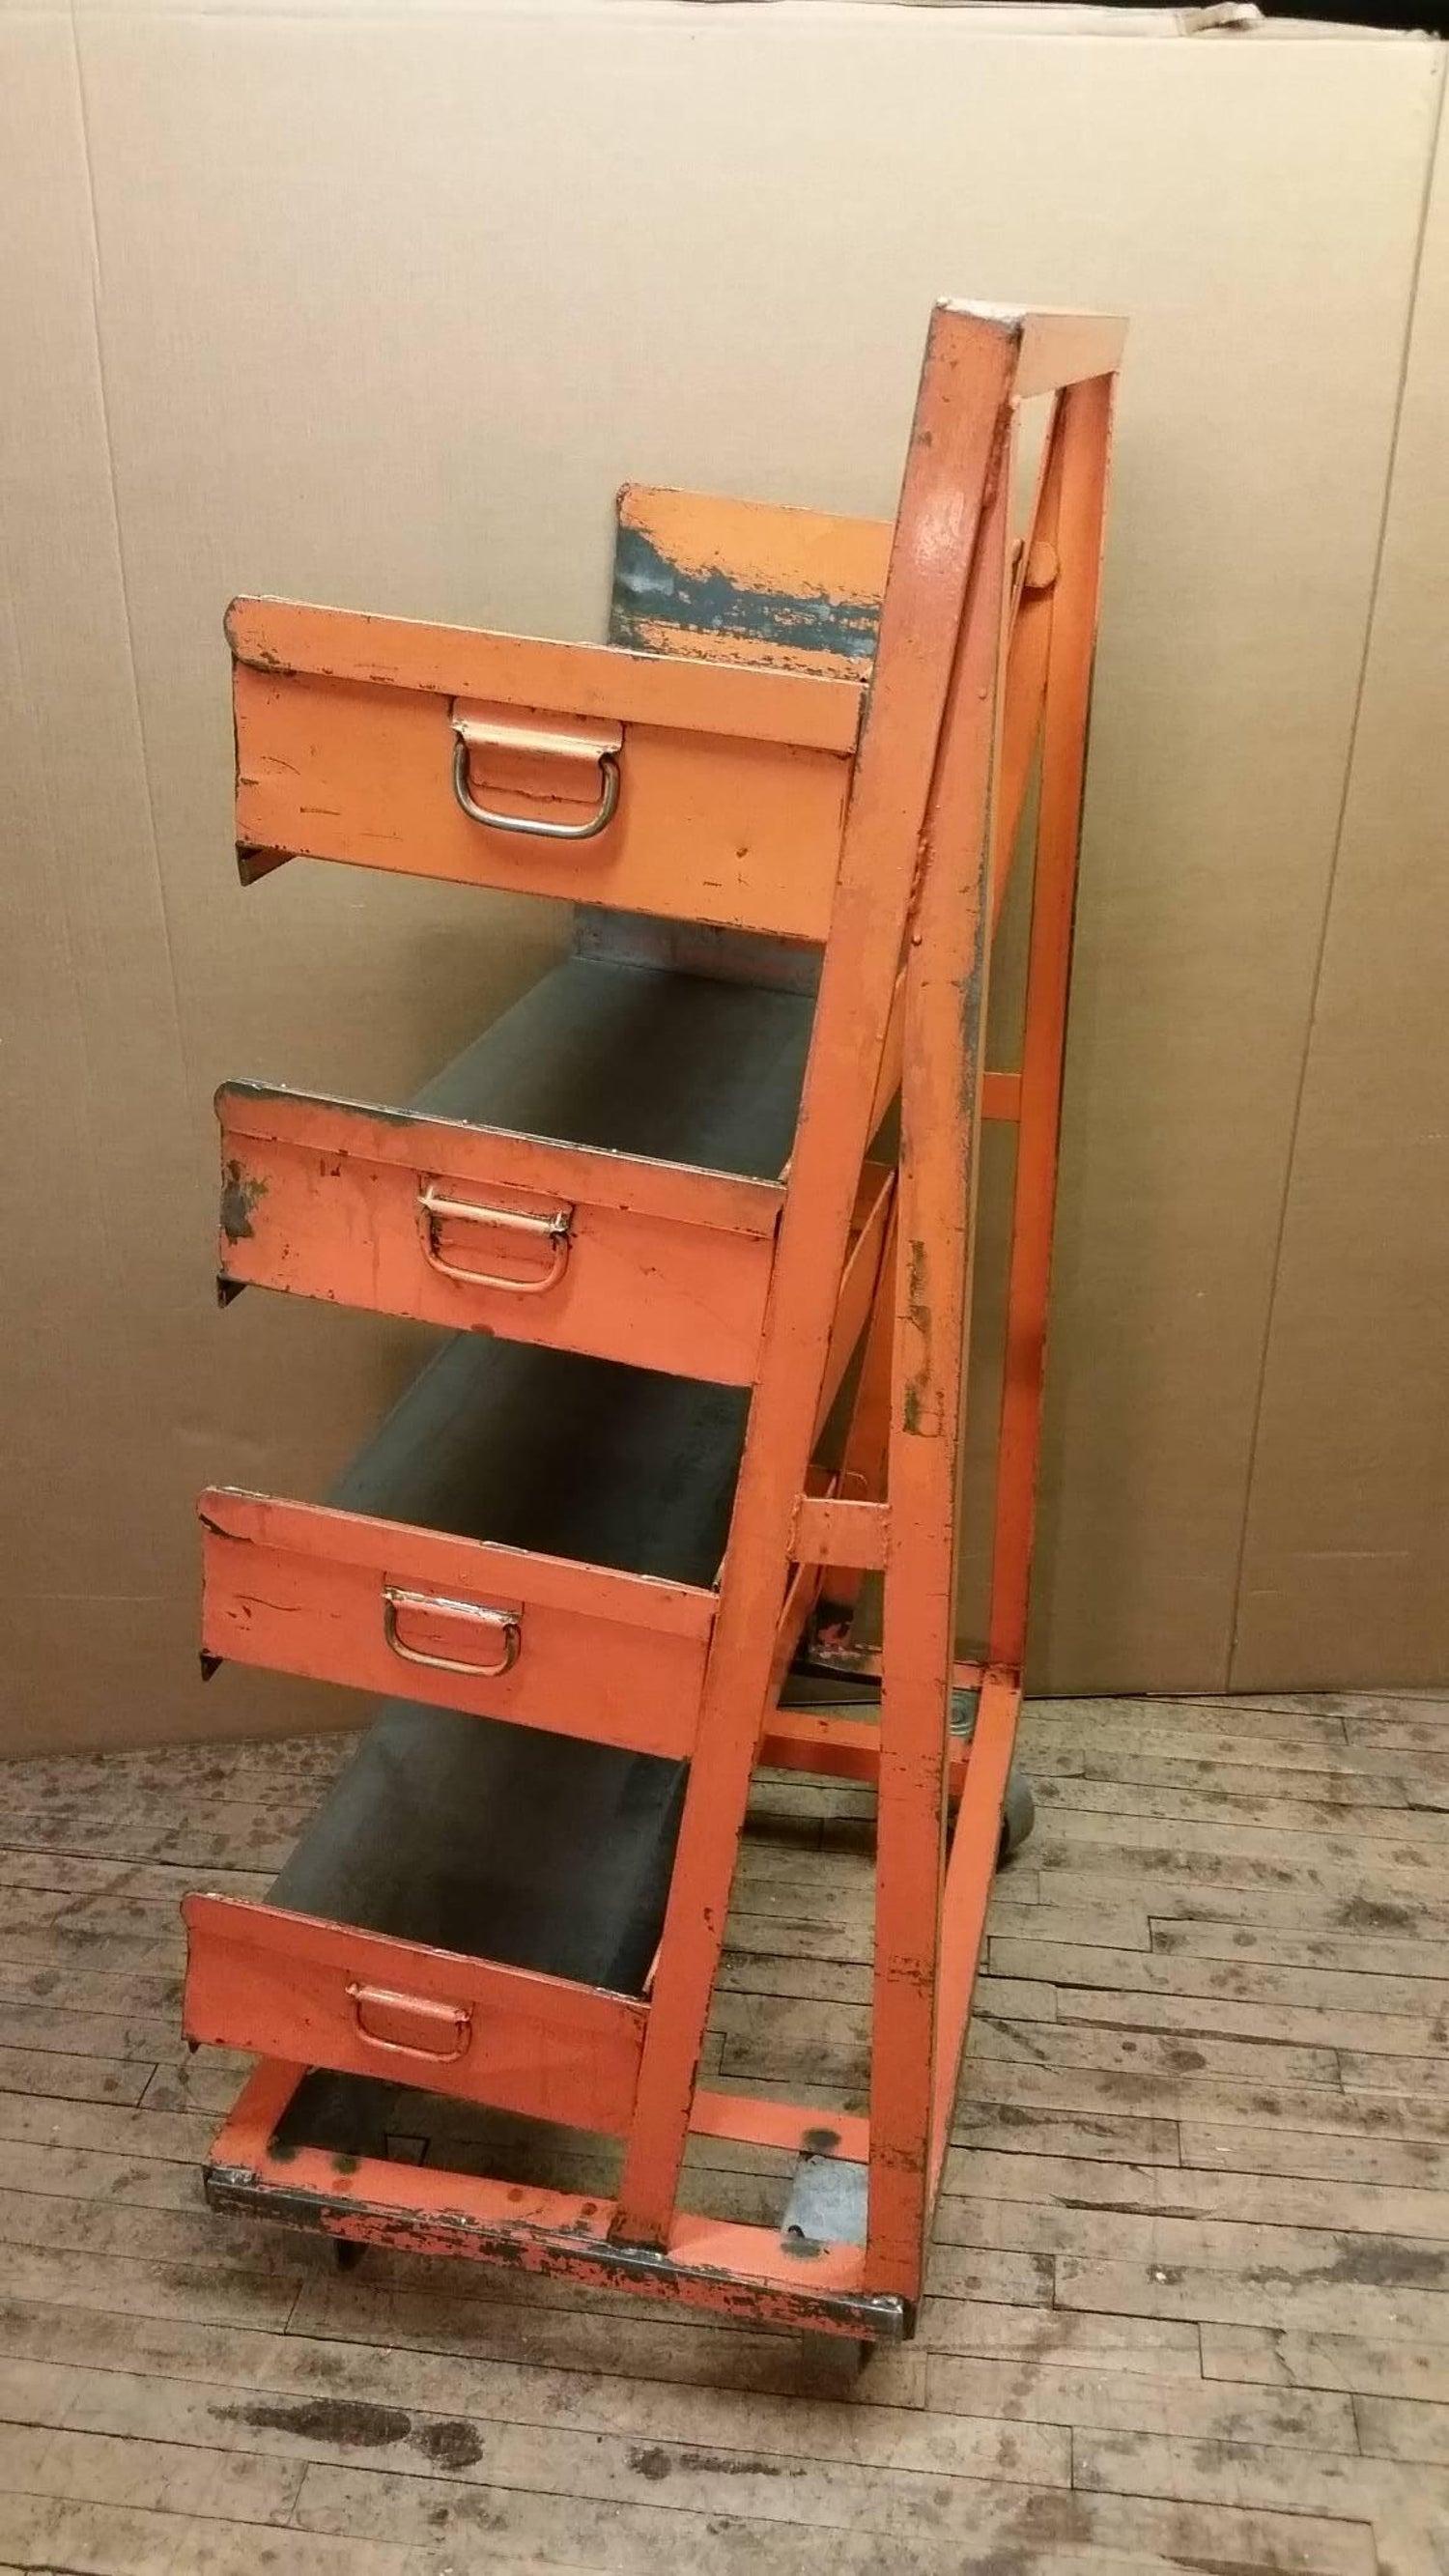 locker love full it books shelves display bookshelves size you thin make that black kiln bookshelf design best for of